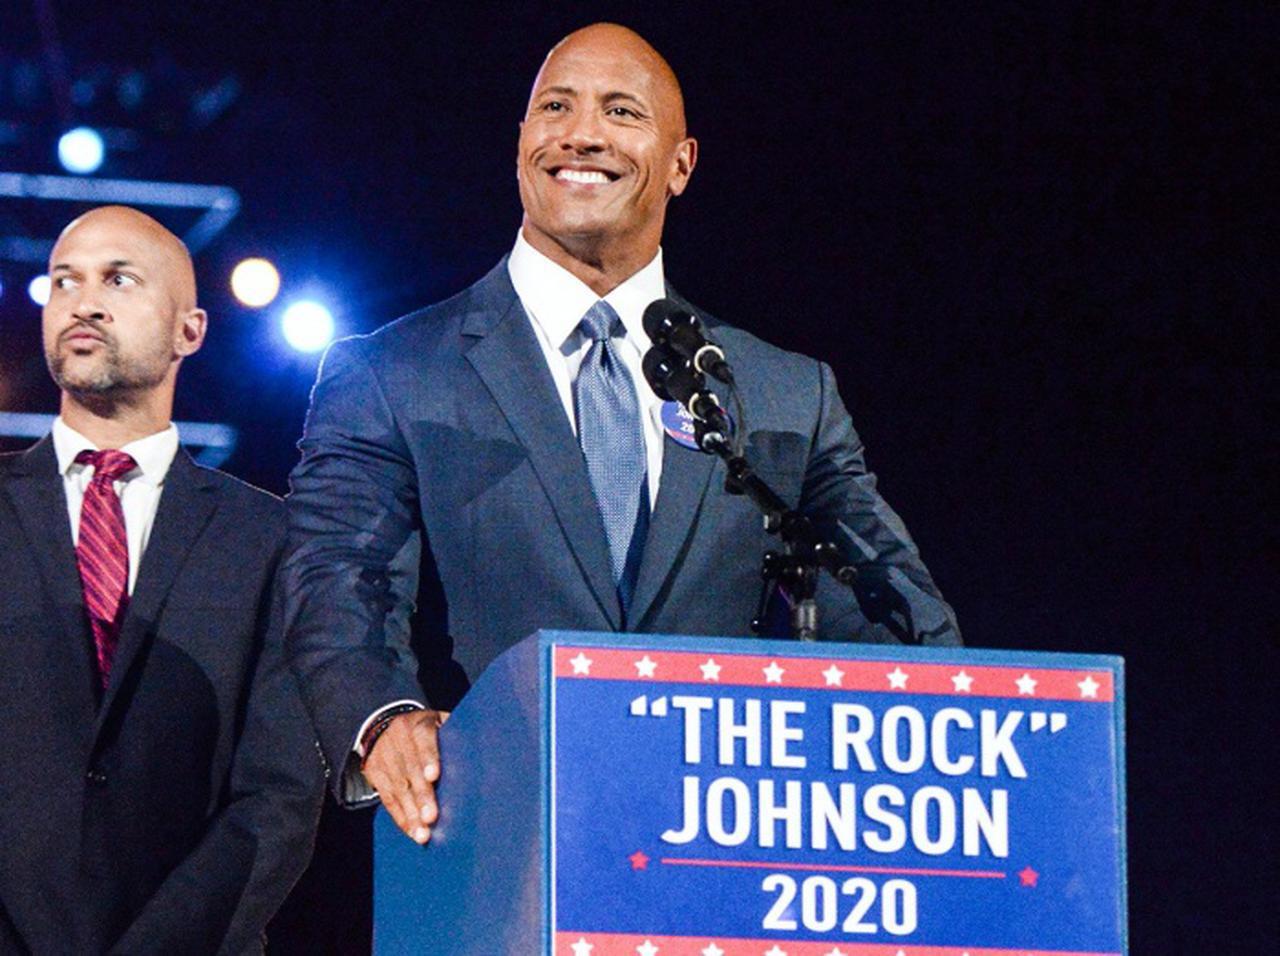 画像: ドウェイン・ジョンソンが2032年の大統領選に立候補、伝記ドラマの「設定」にザワつく - フロントロウ -海外セレブ情報を発信